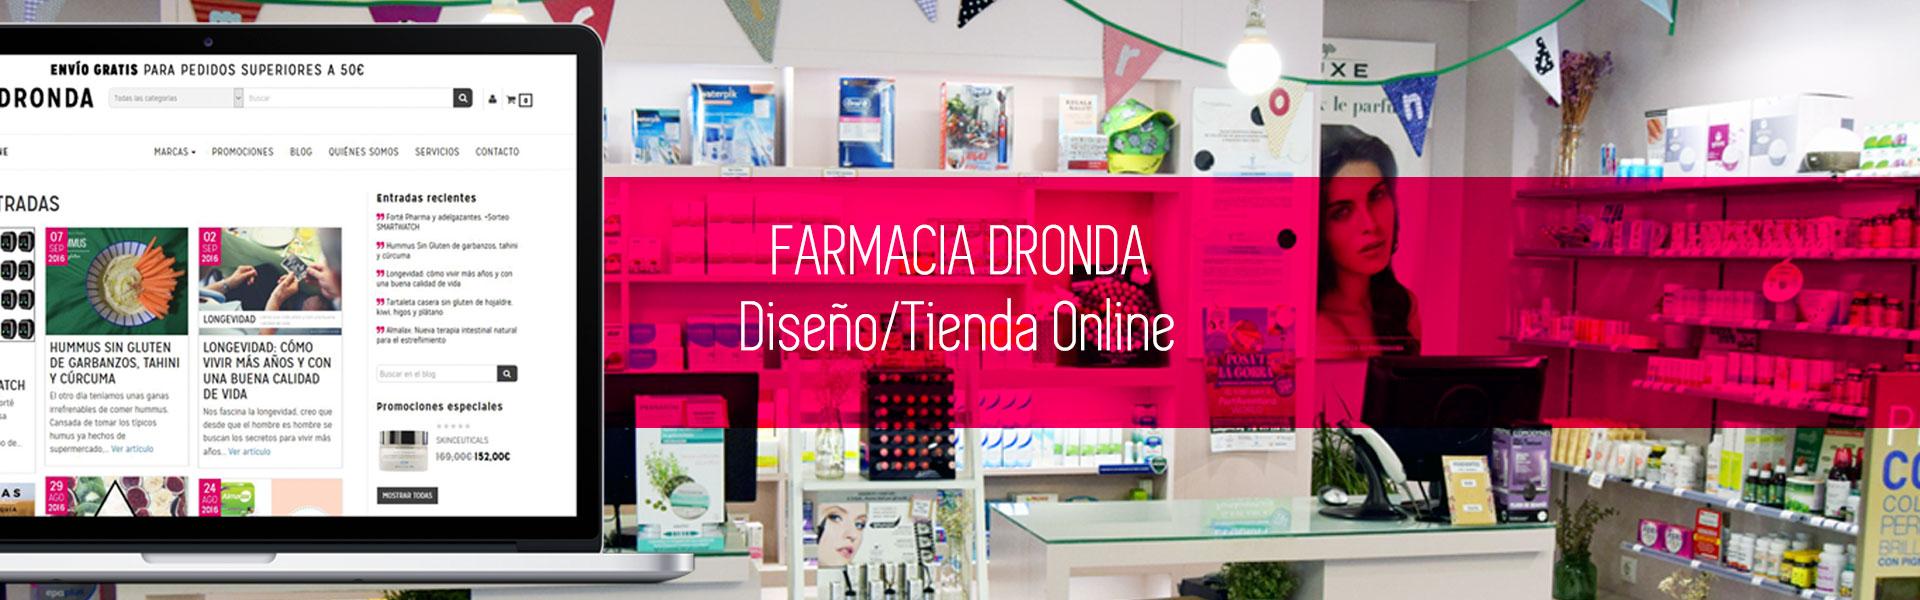 Farmacia Dronda